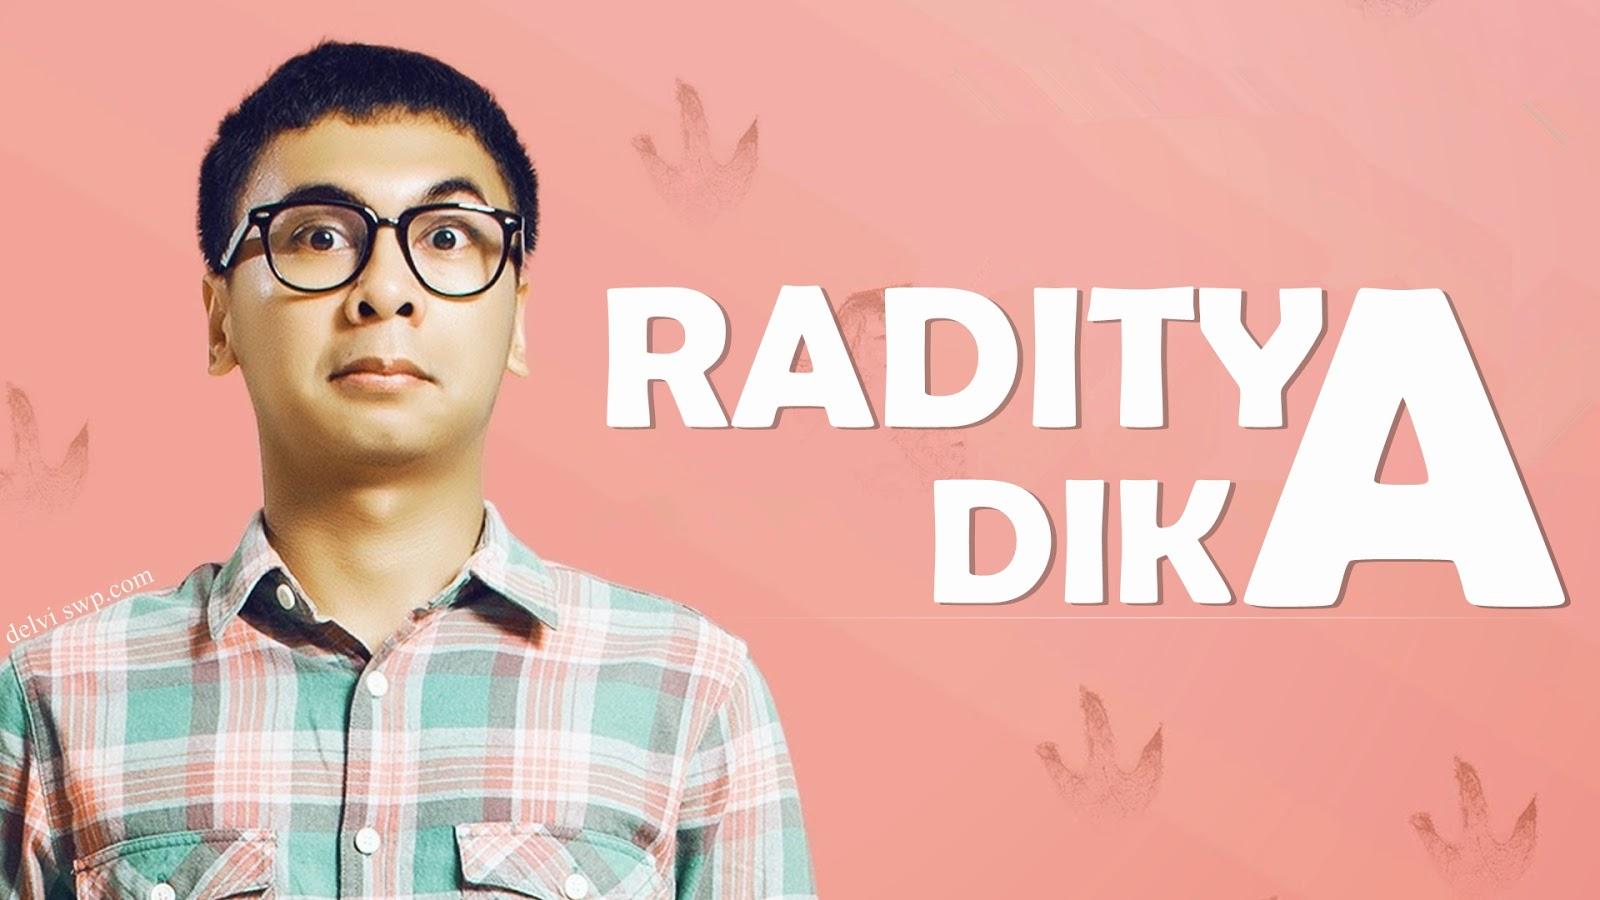 Profil dan Biografi Raditya Dika Wallpaper